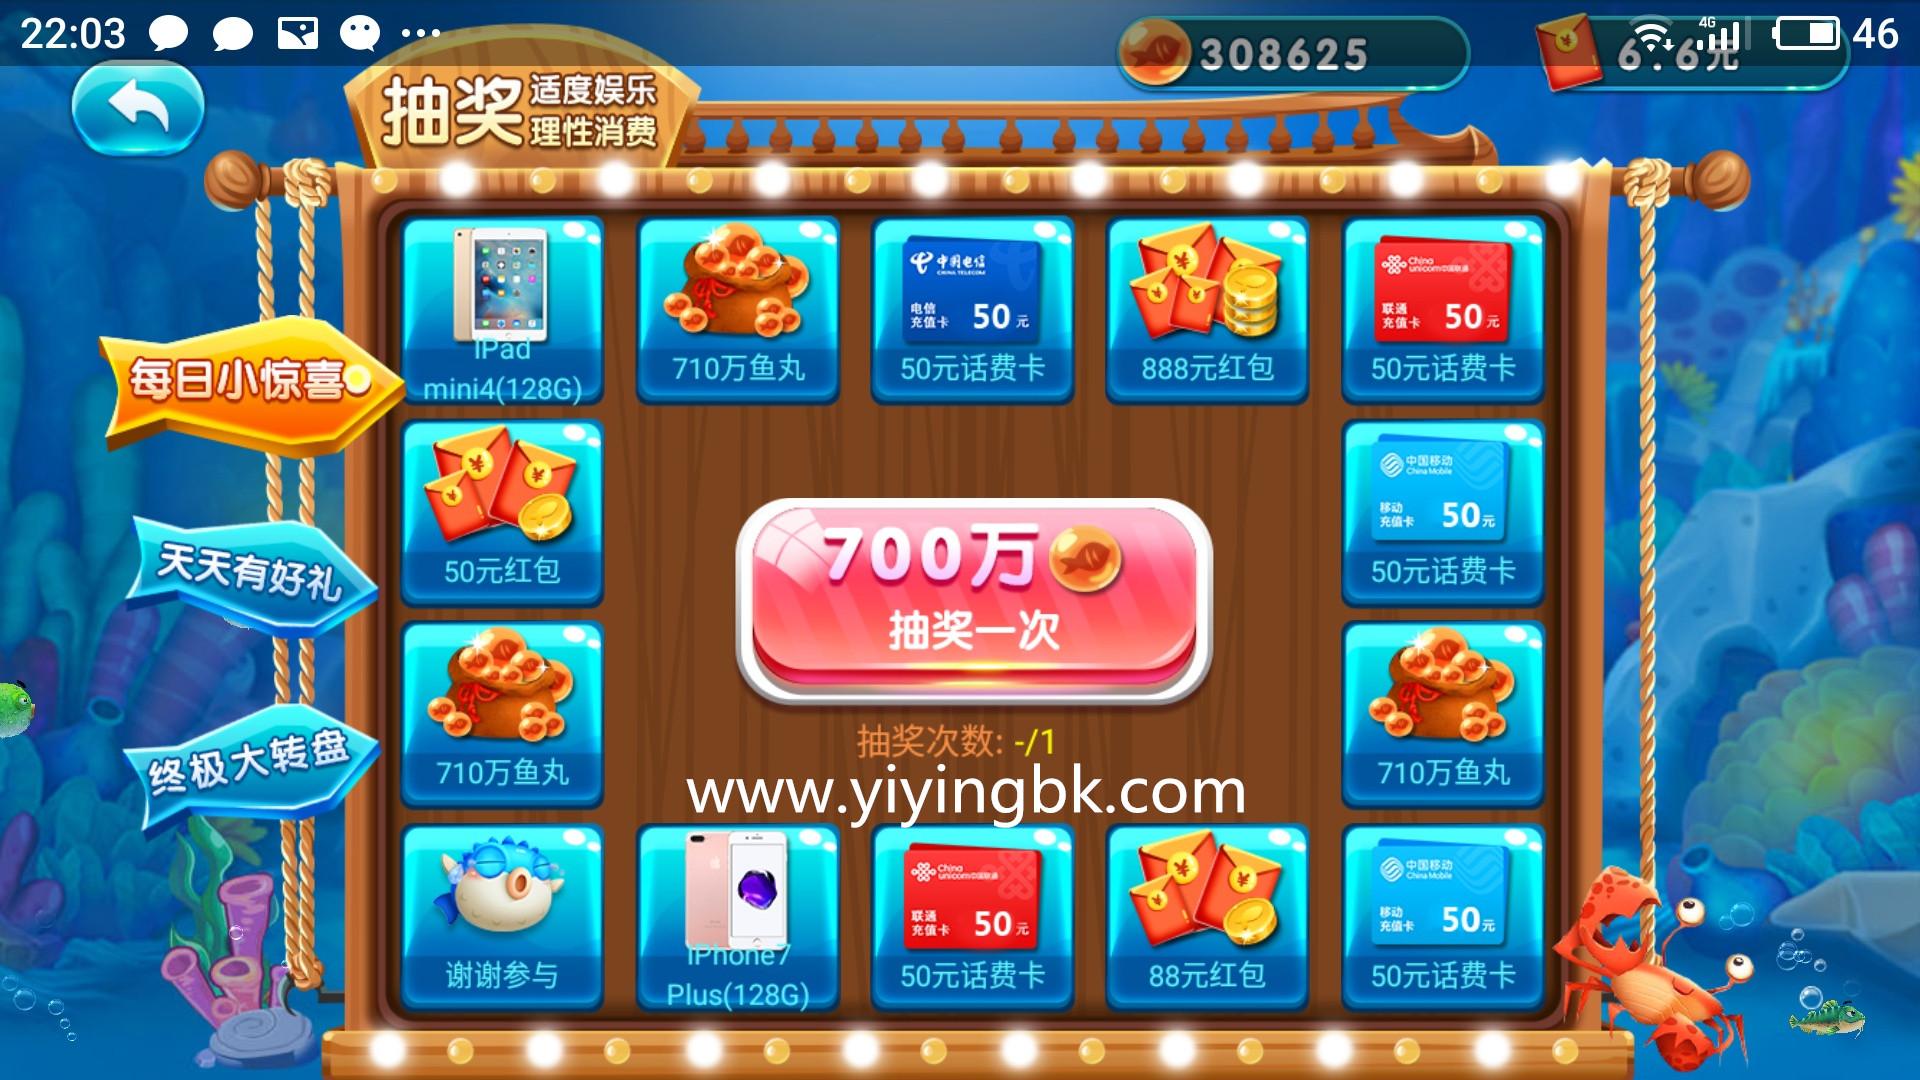 天天乐捕鱼:玩游戏领微信红包,七夕抽奖还在继续